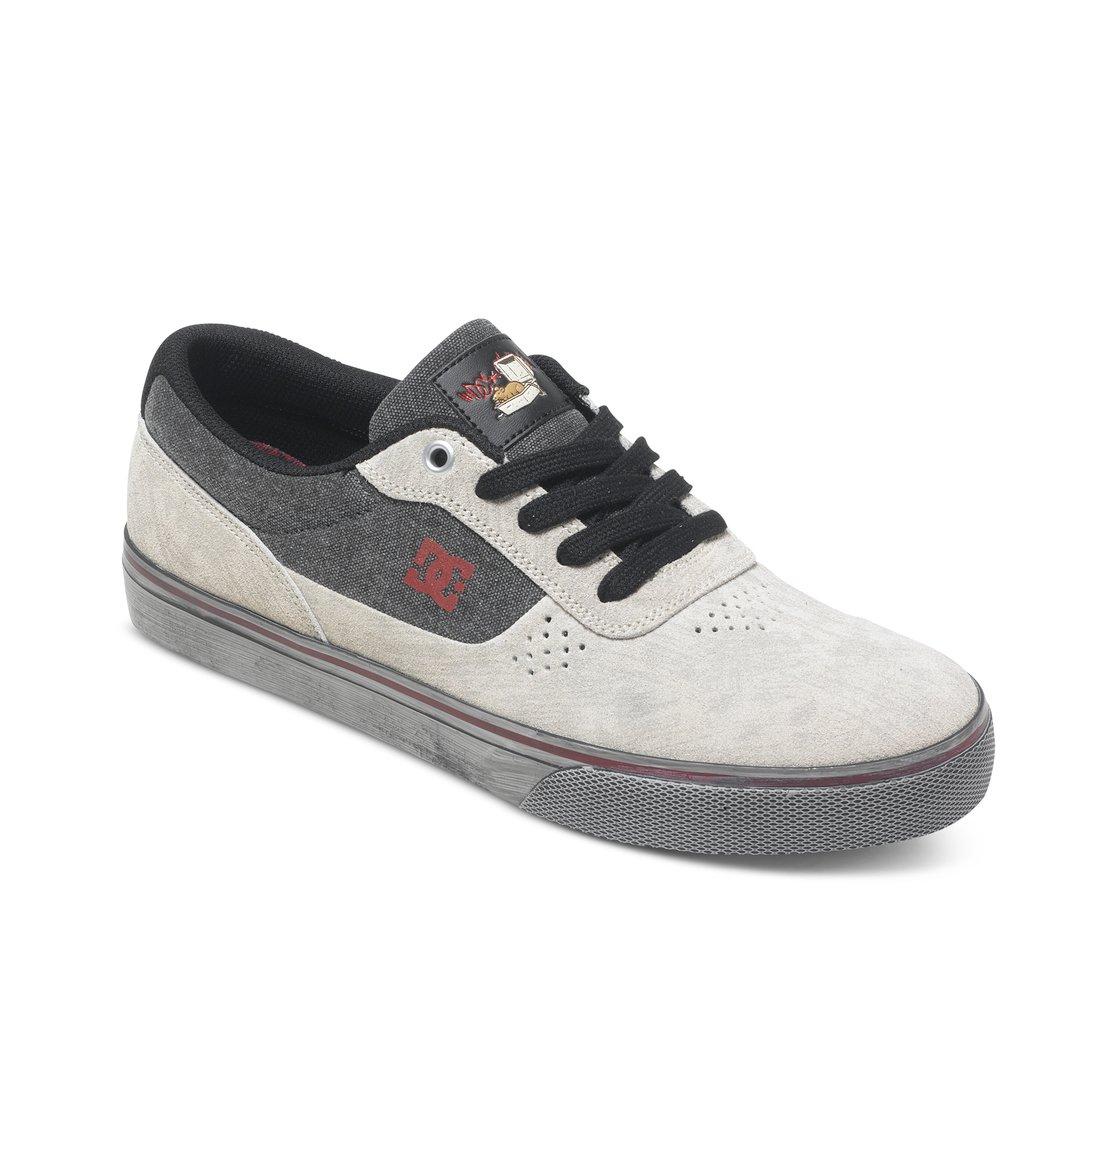 dc shoes Switch S - Scarpe da skate da Uomo - Black - DC Shoes